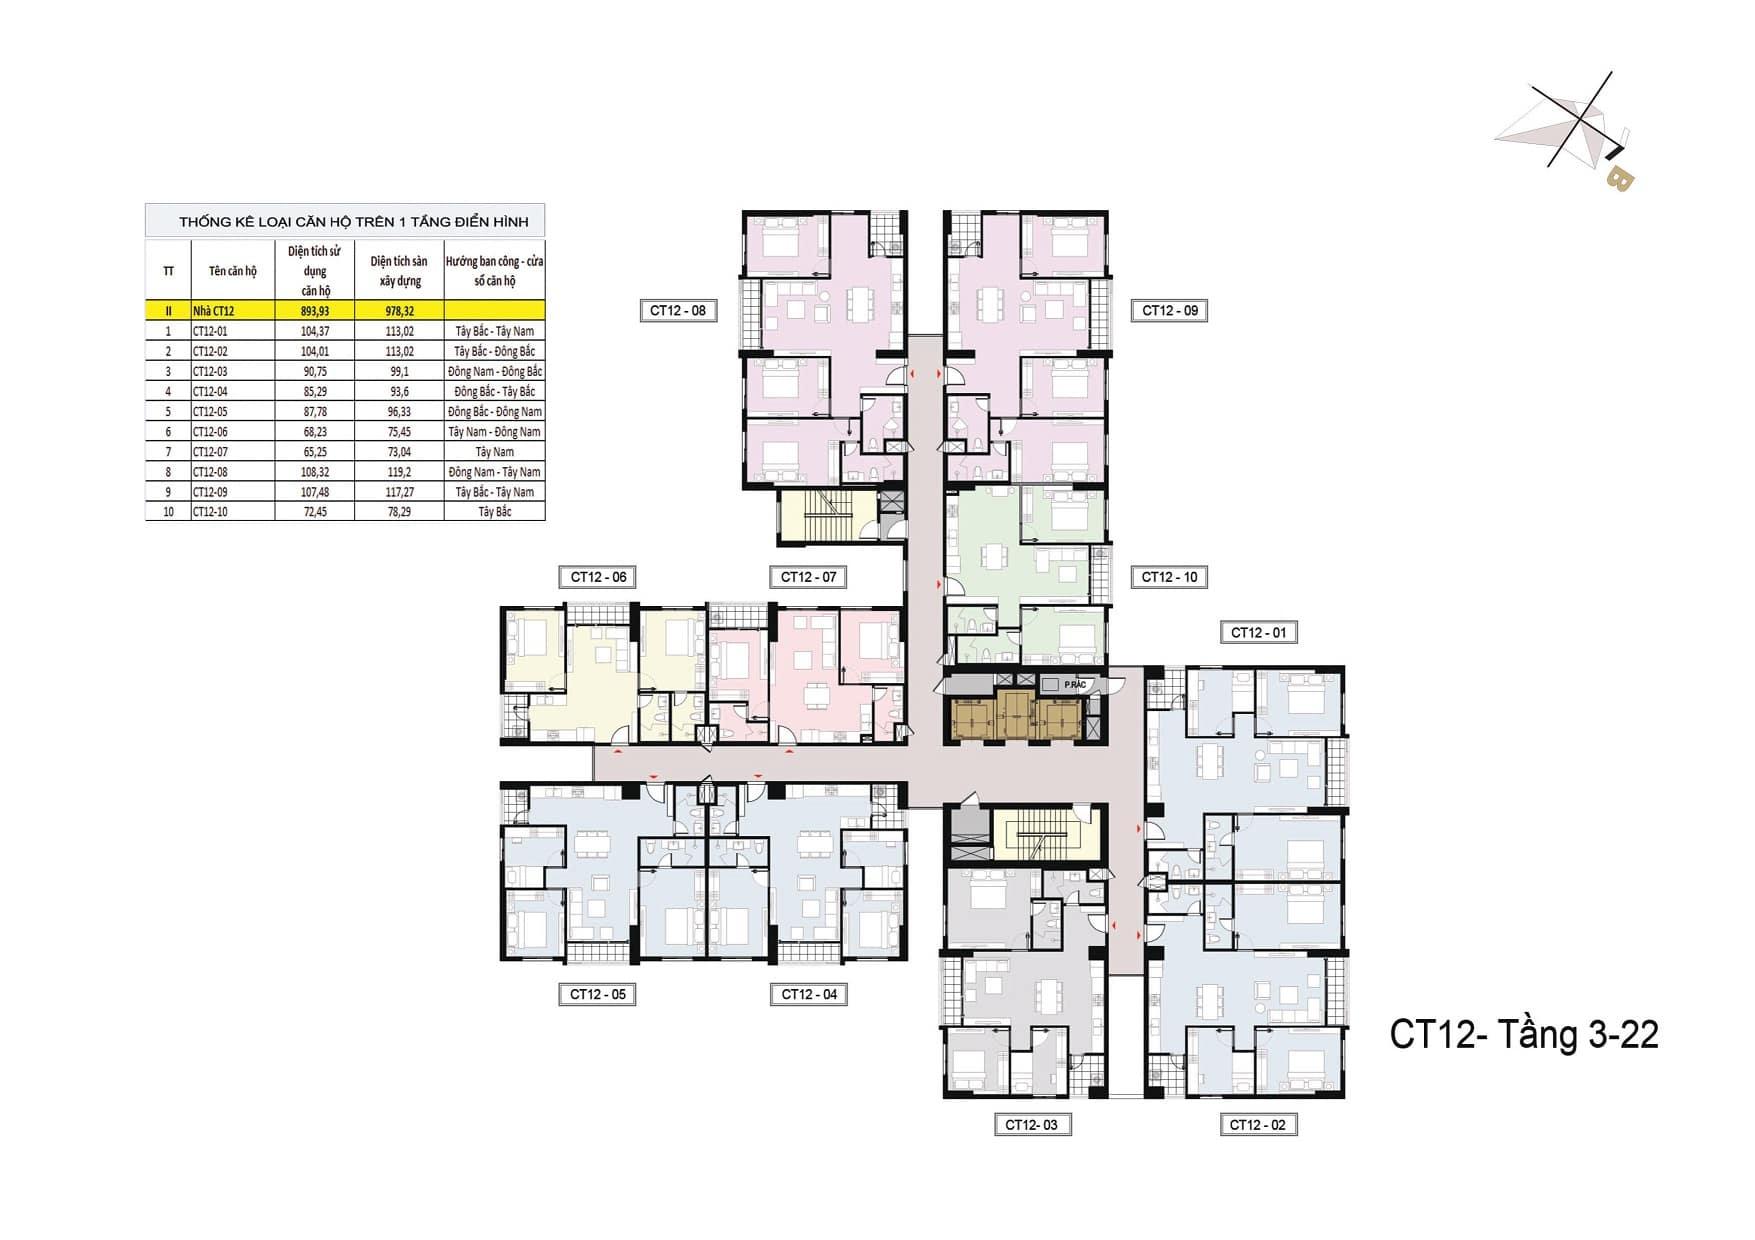 Mặt bằng tòa Rosa CT12 Dự án Hồng Hà Eco City 1